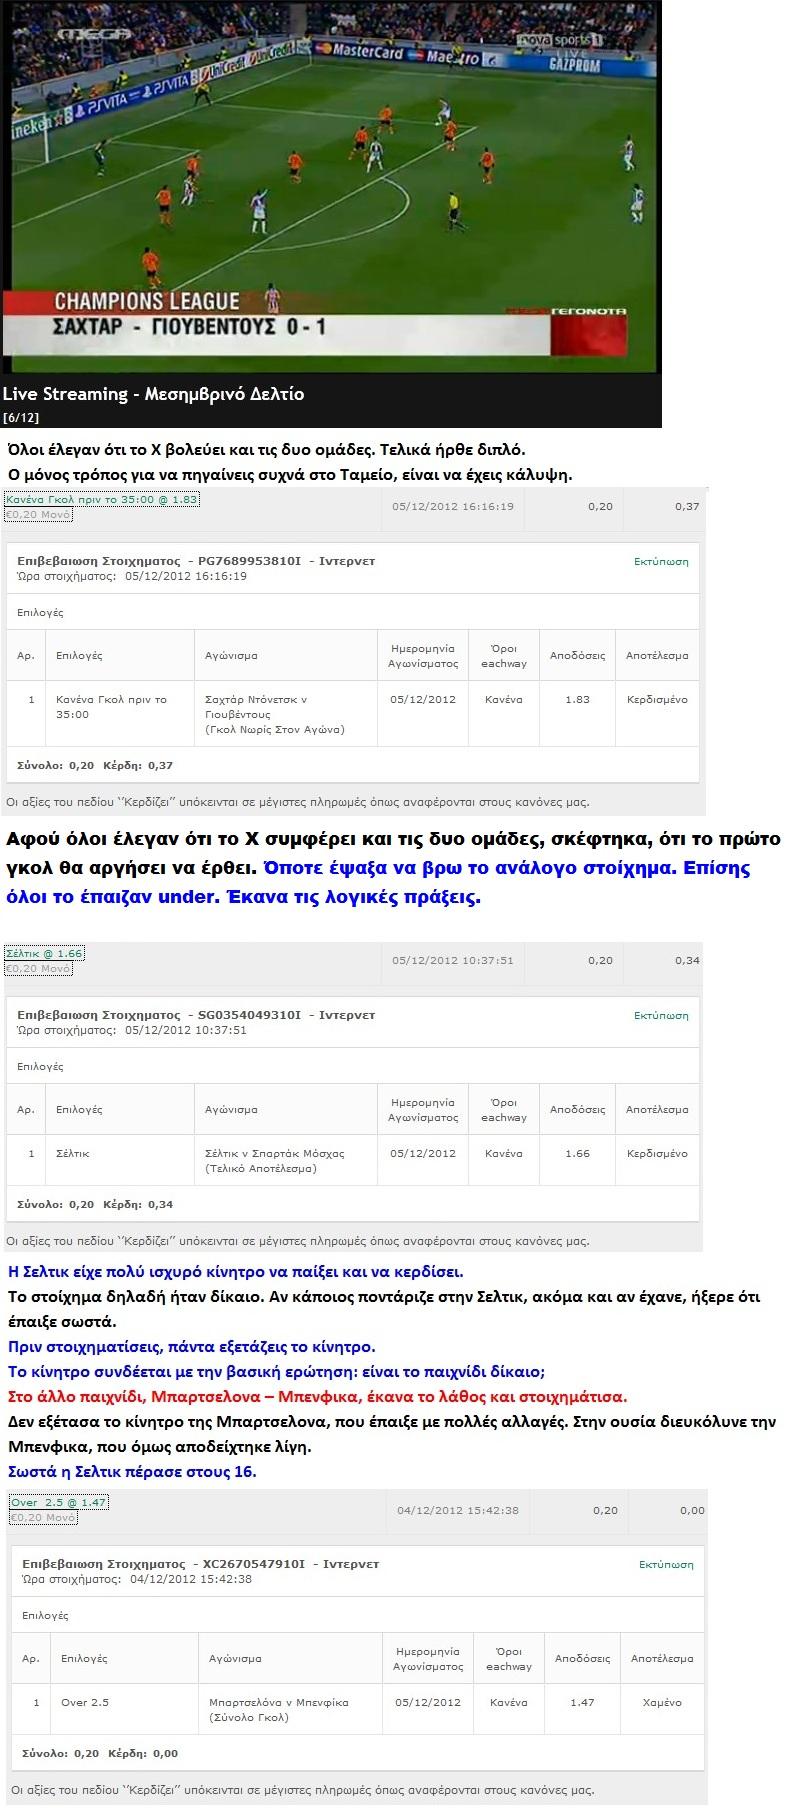 FOOTBALL SAXTAR GIOUBENTOUS SPASIMO X 01 061212